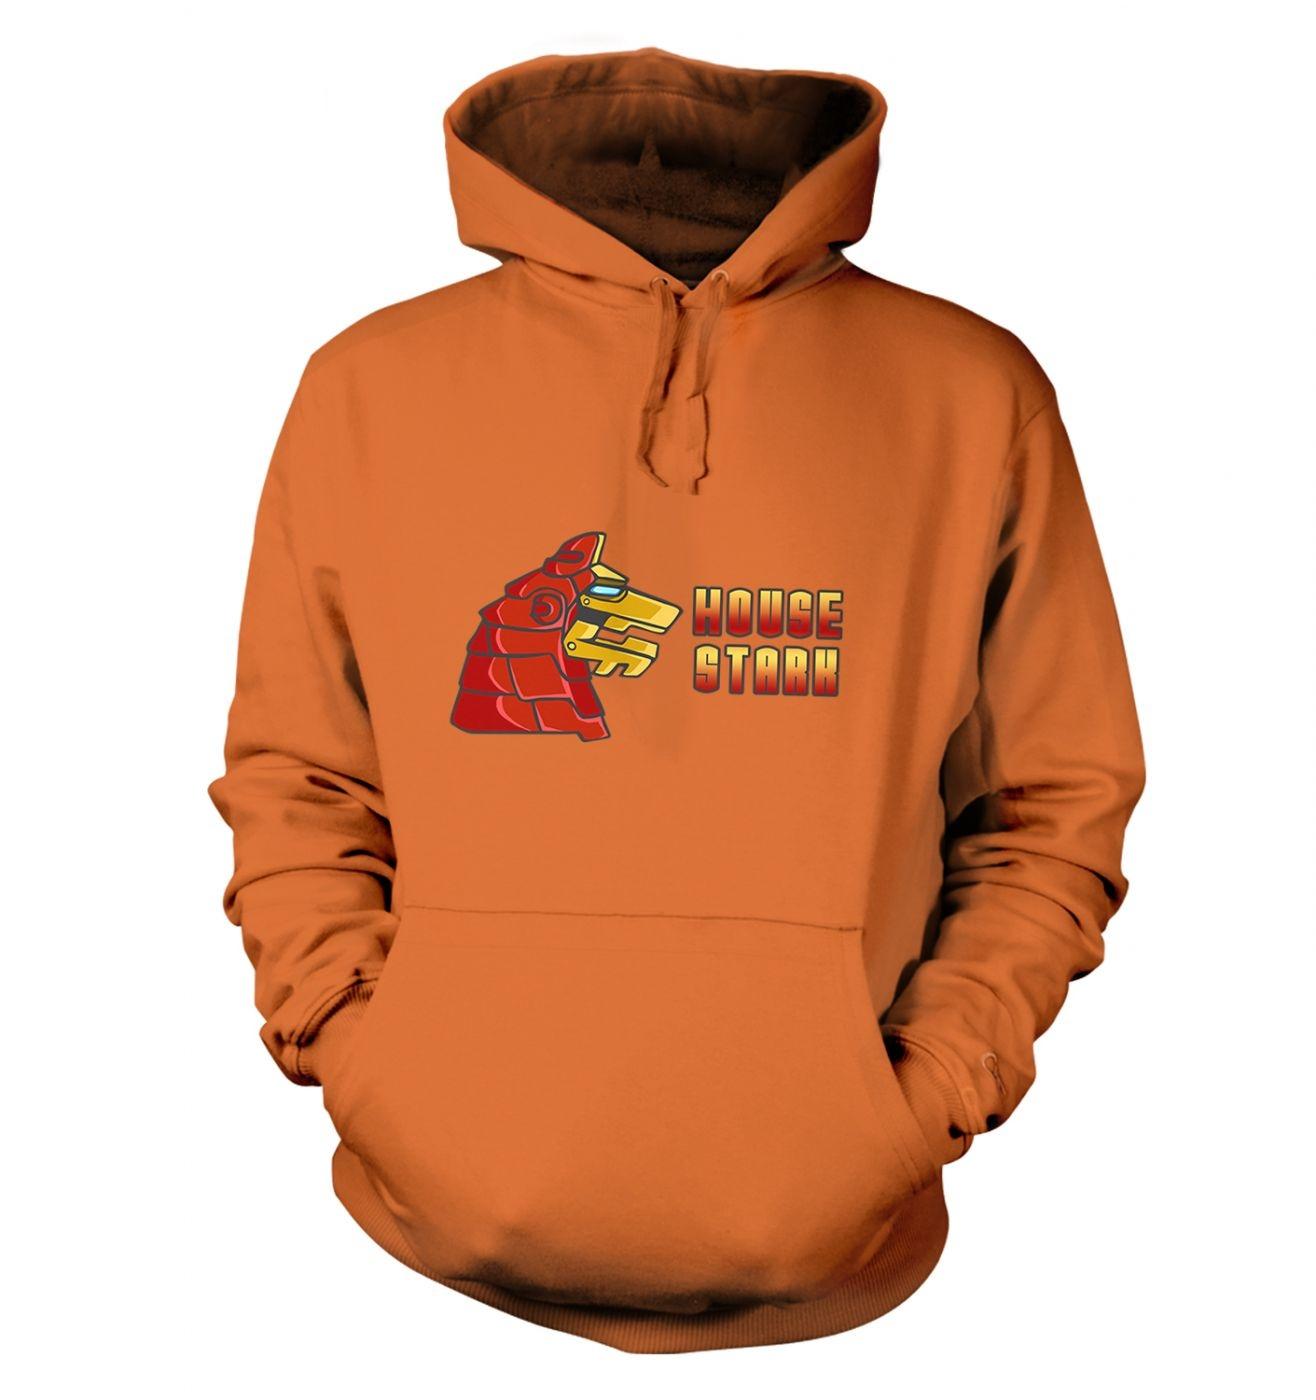 House Stark Industries hoodie